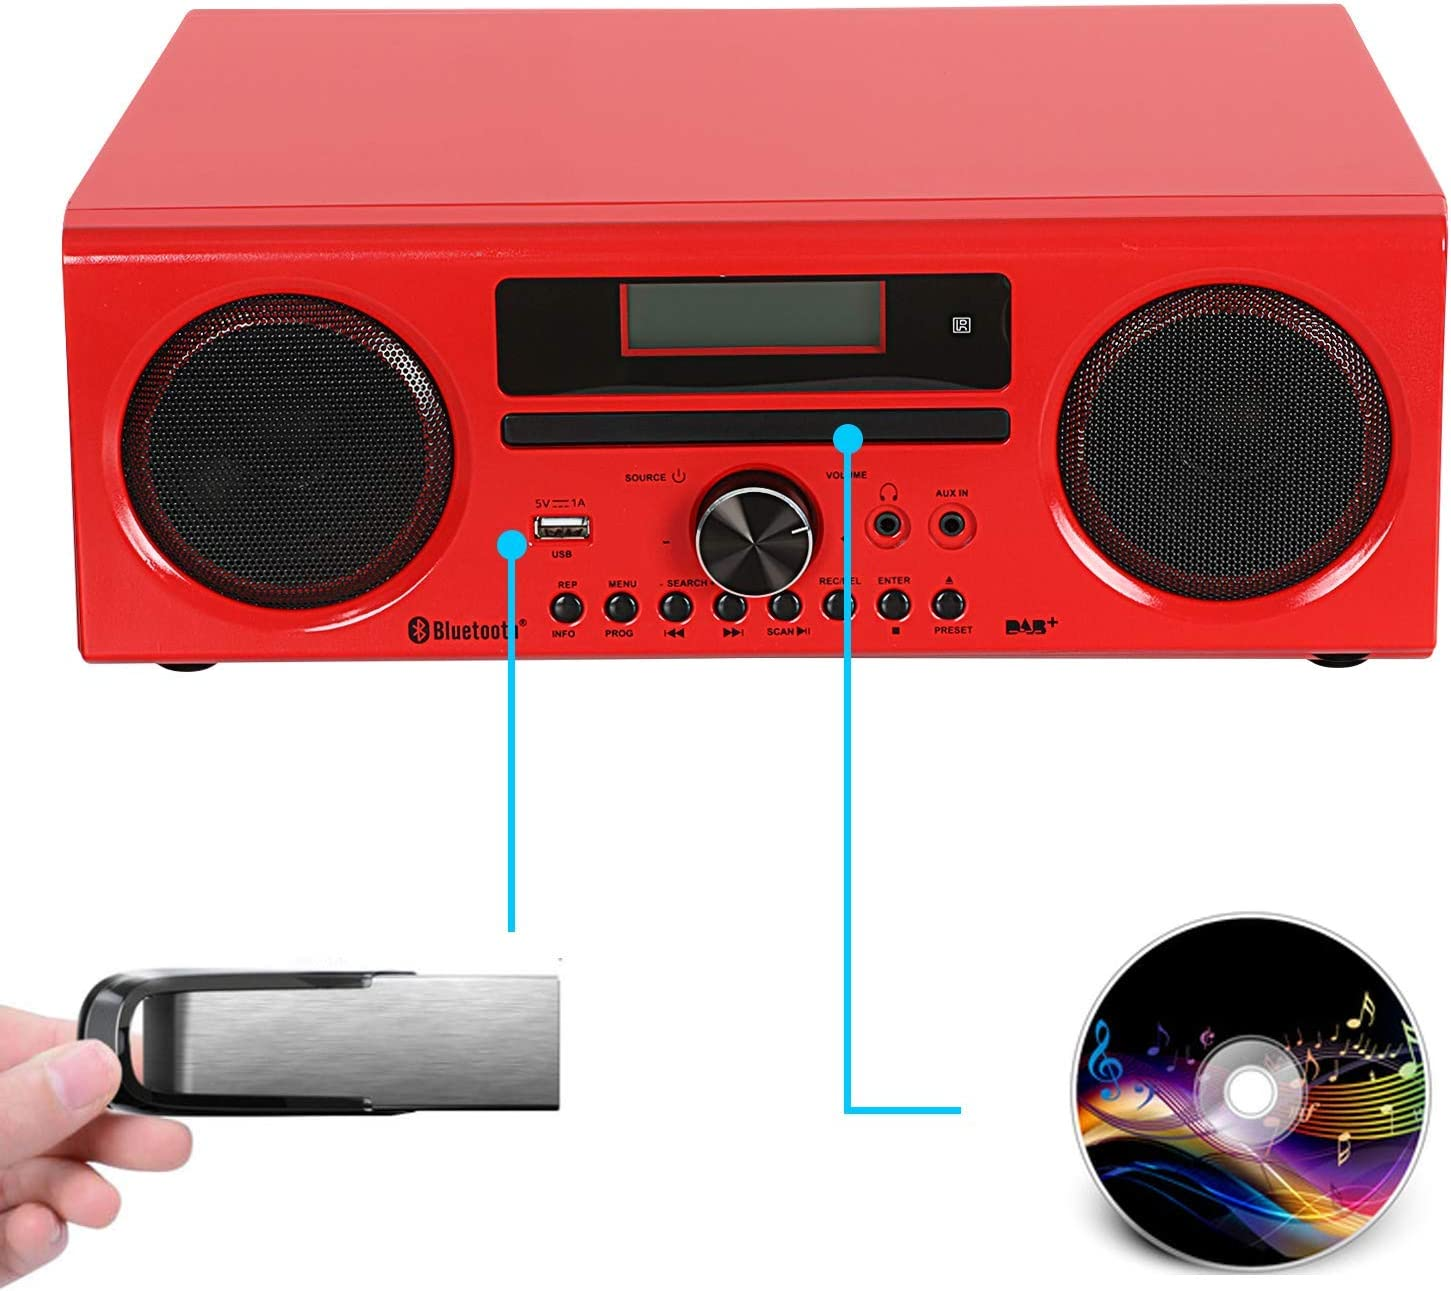 USB T/él/écommande avec Son Haut-Parleur 2 * 15W Bluetooth AUX in dl Dab//Dab+ Radio et FM DSP Compacte Lecteur CD St/ér/éo HiFi Tout-en-Un